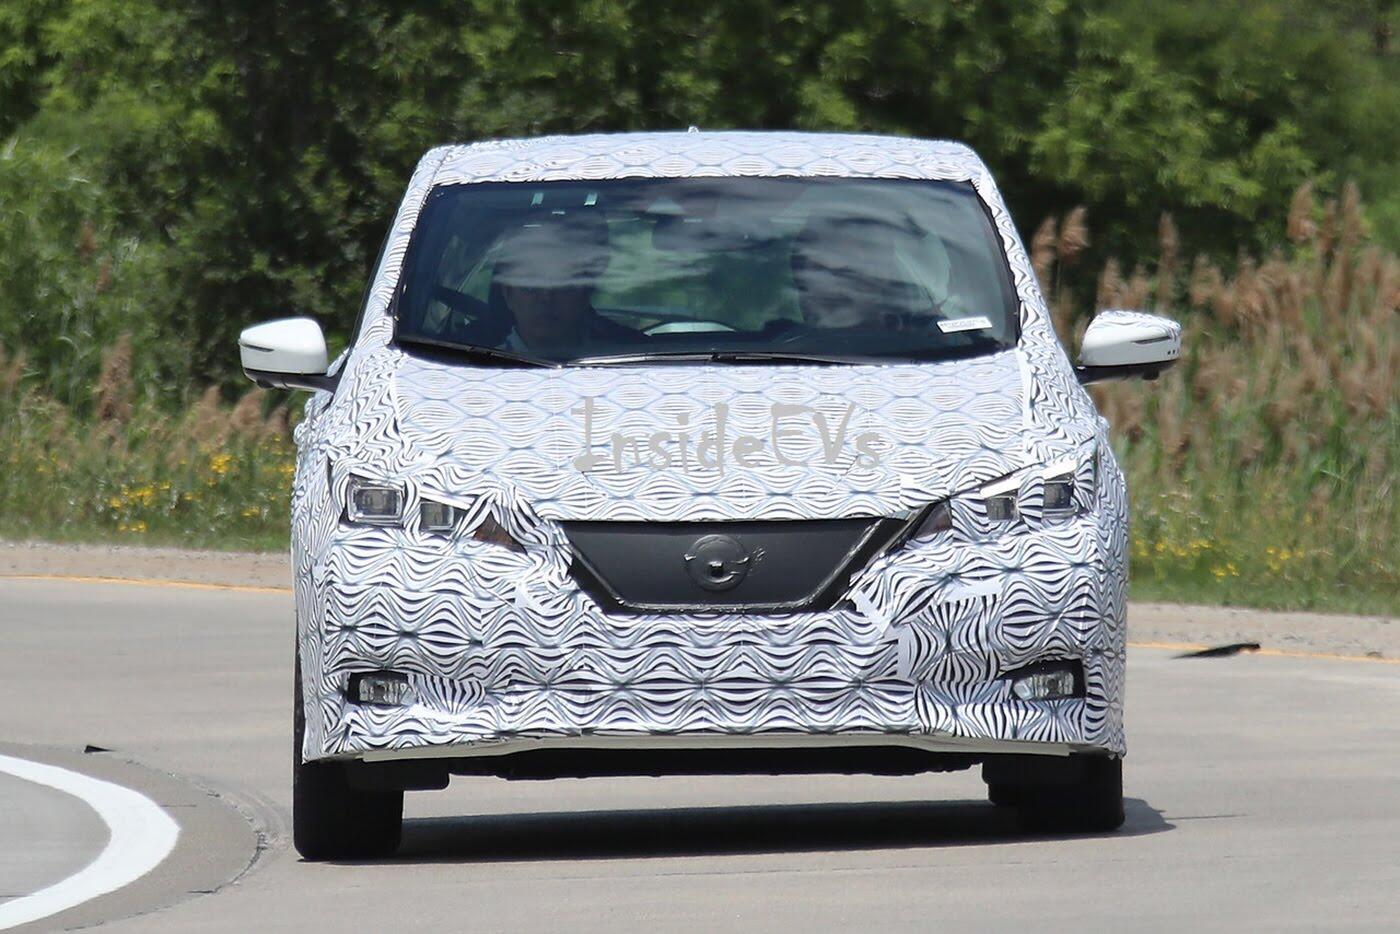 Lộ diện Nissan Leaf thế hệ mới với hệ thống tự lái - Hình 1